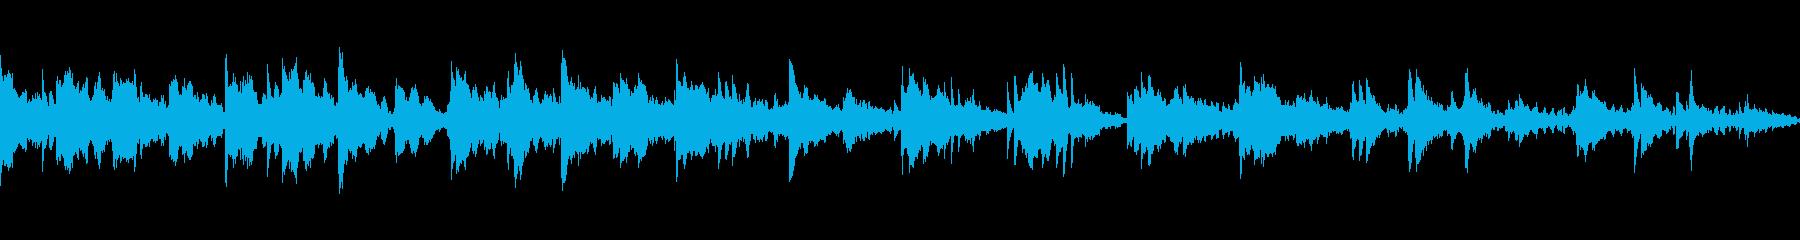 動画 感情的 静か やる気 平和 ...の再生済みの波形